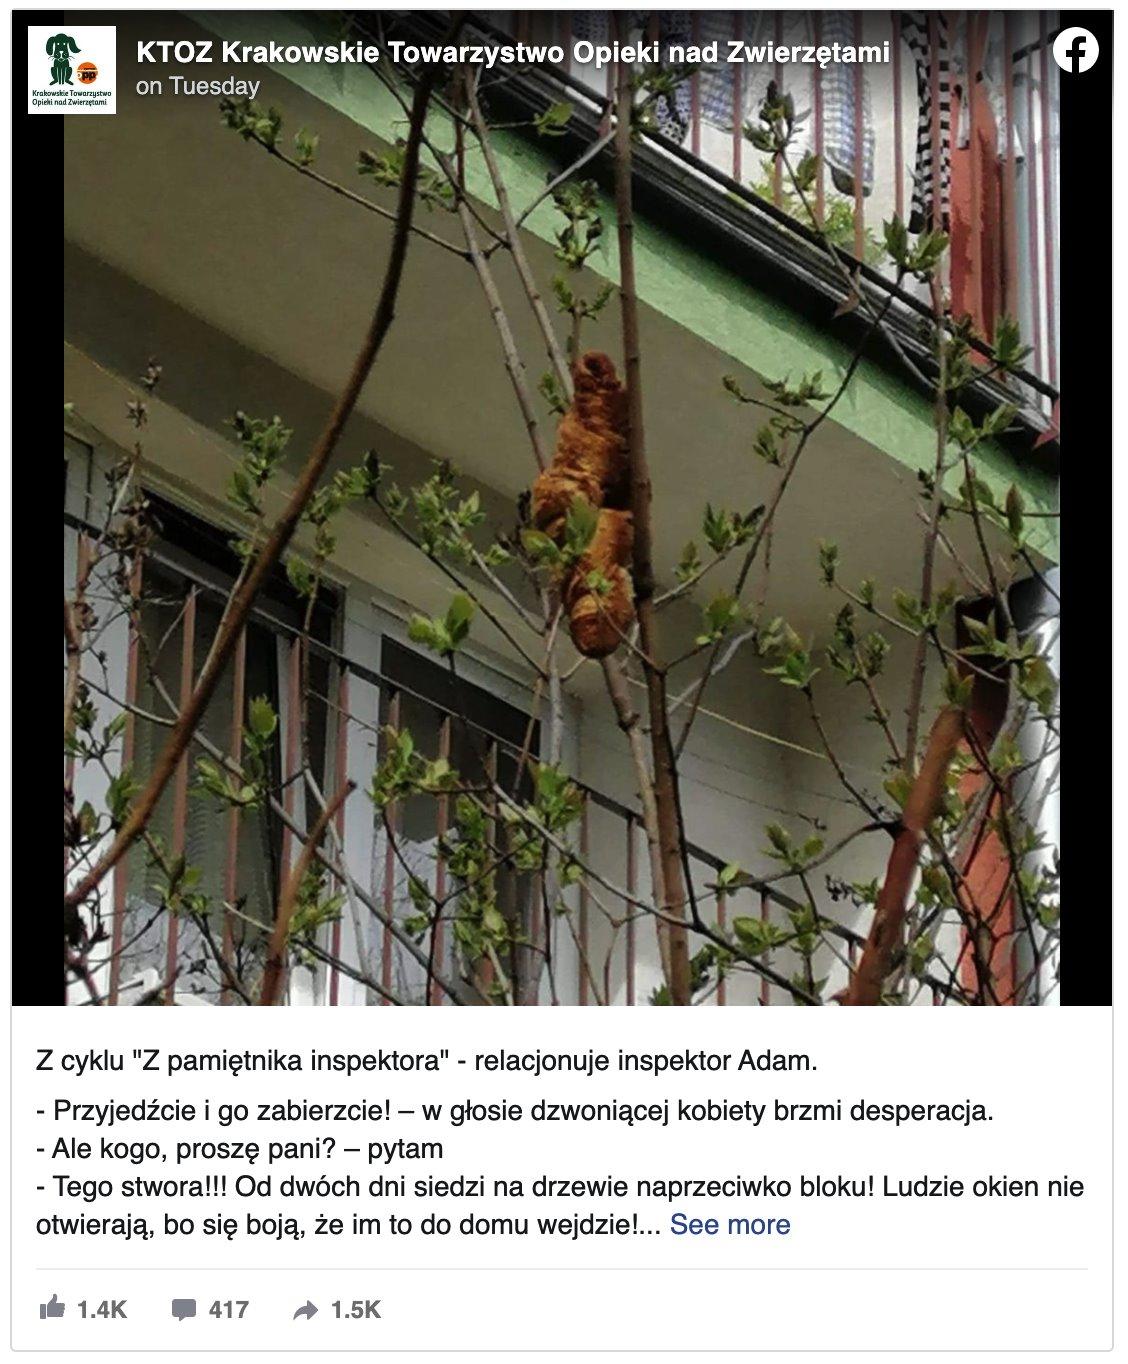 Skrinšot objave na Fejsbuk stranici poljske organizacije za zaštitu životinja